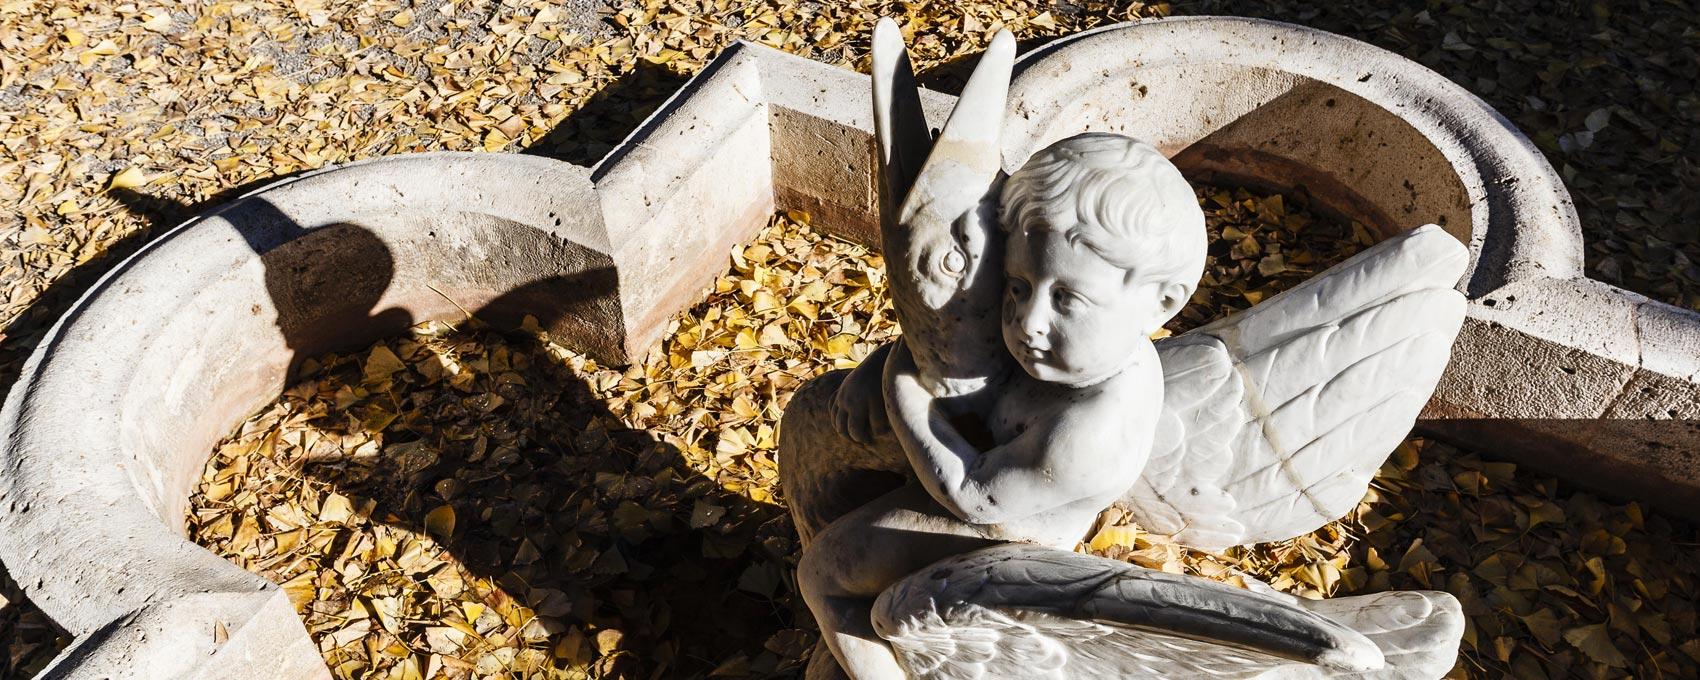 Situada en la zona oest del Jardí Romàntic trobem aquest xicotet safareig en forma de creu grega presidit per una font composta per la figura d'un Xiquet Cavalcant sobre un Cigne